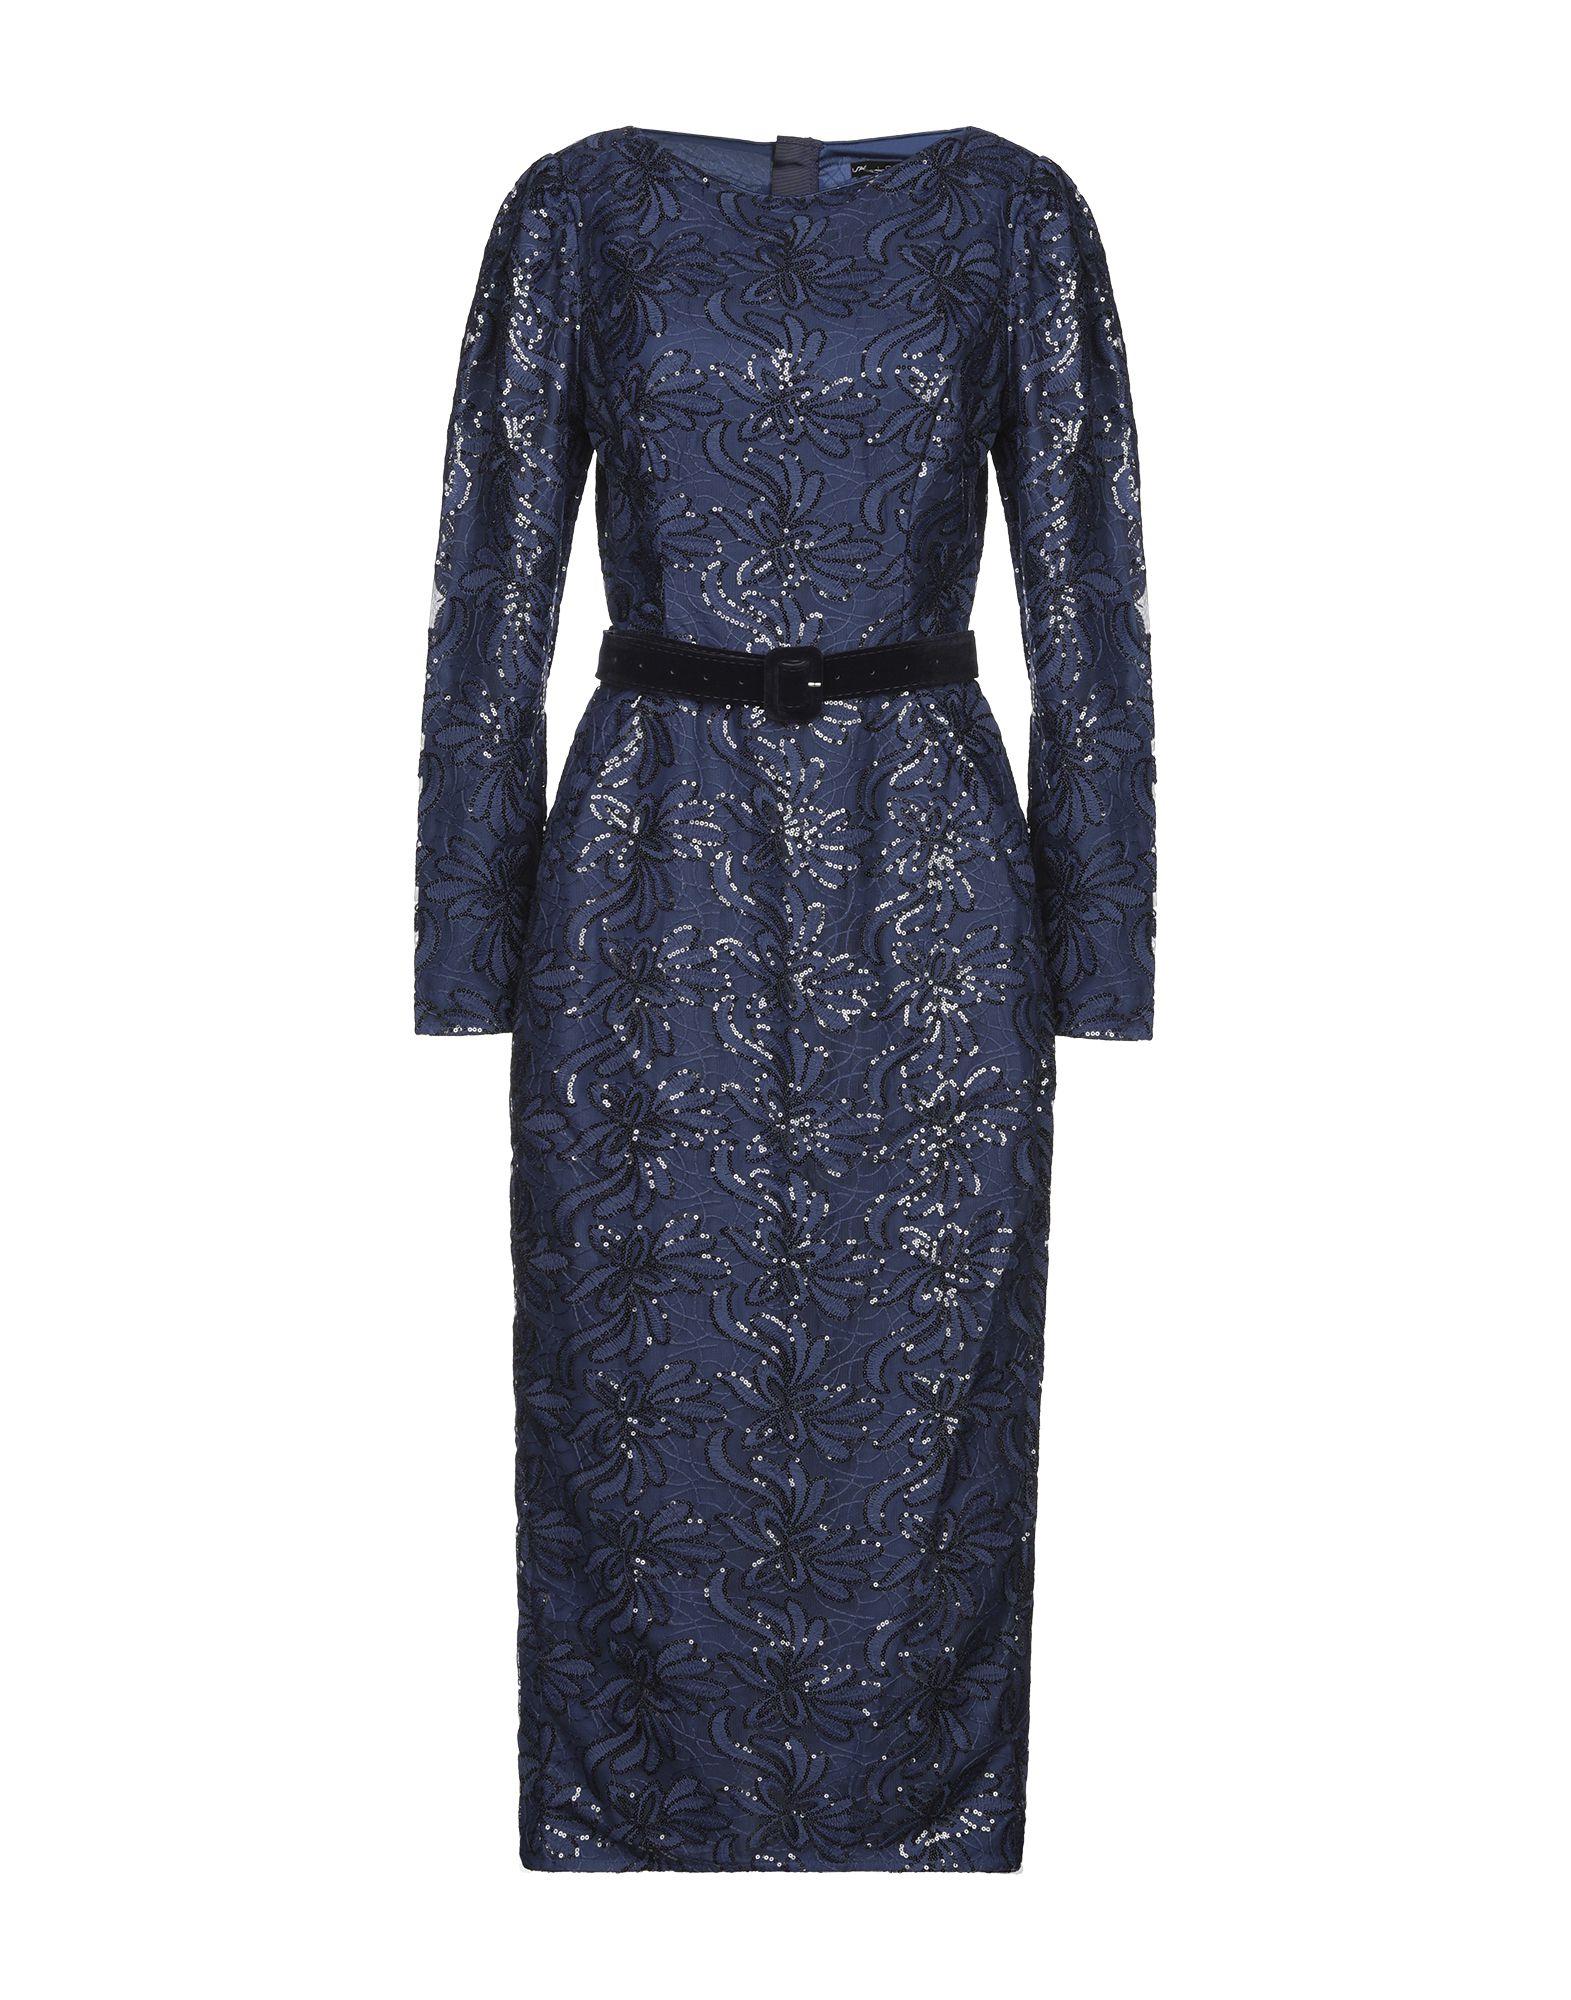 ISABEL GARCIA Платье длиной 3/4 фото